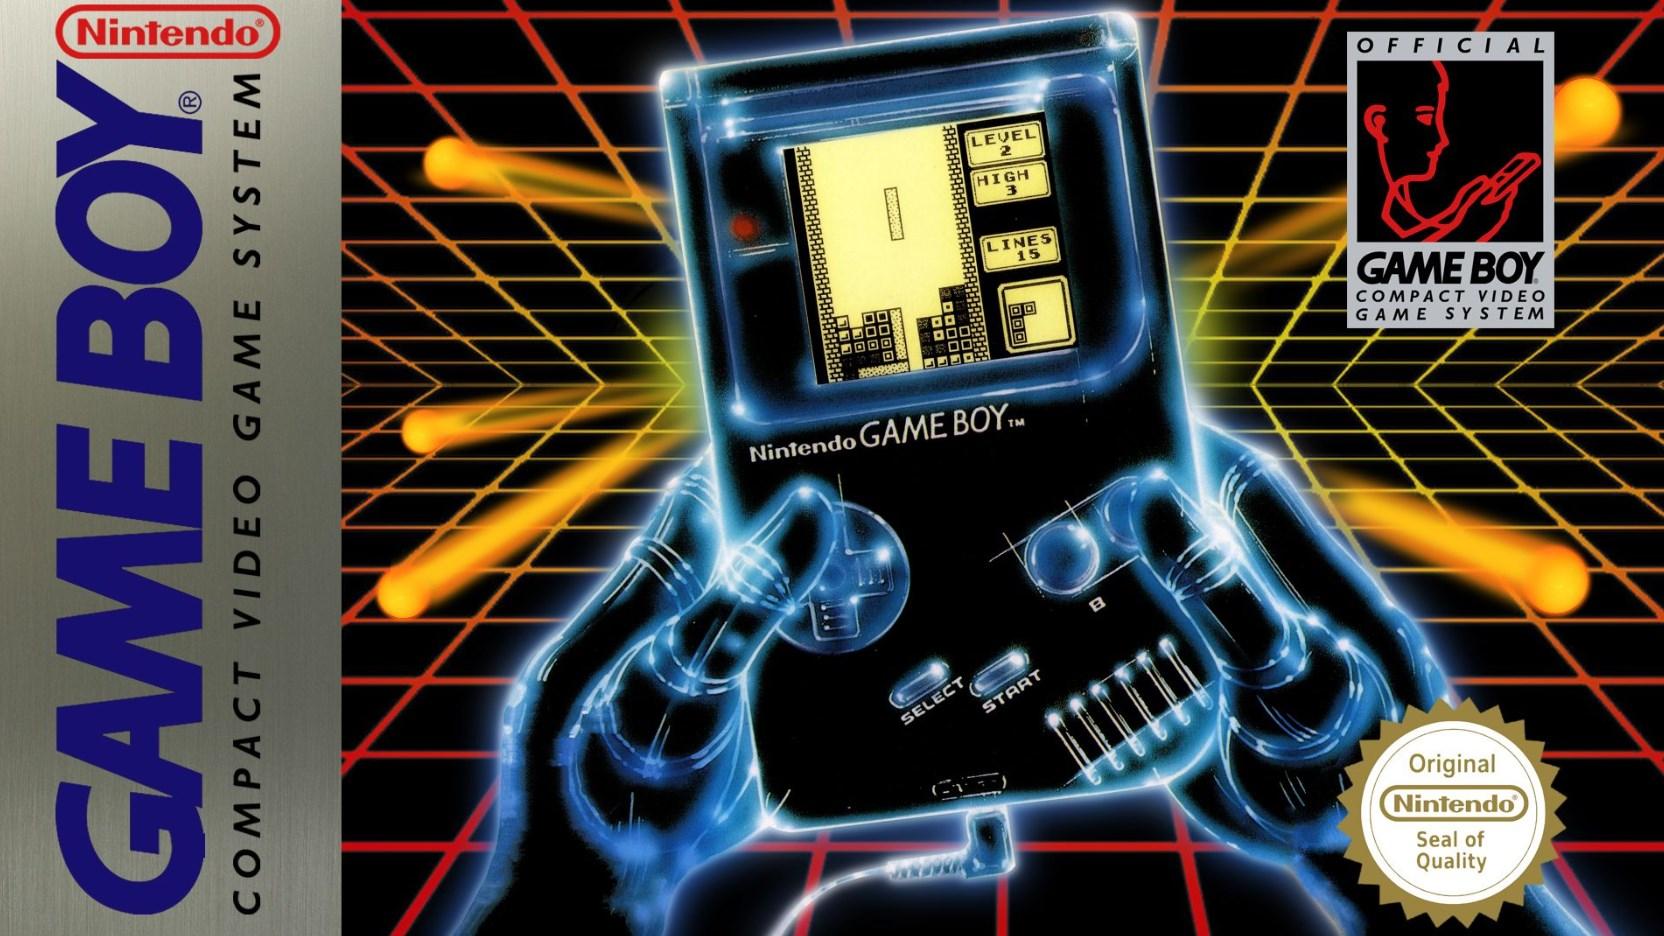 Nintendo le envió una Game Boy nueva a una abuela que jugó Tetris hasta sus 99 años